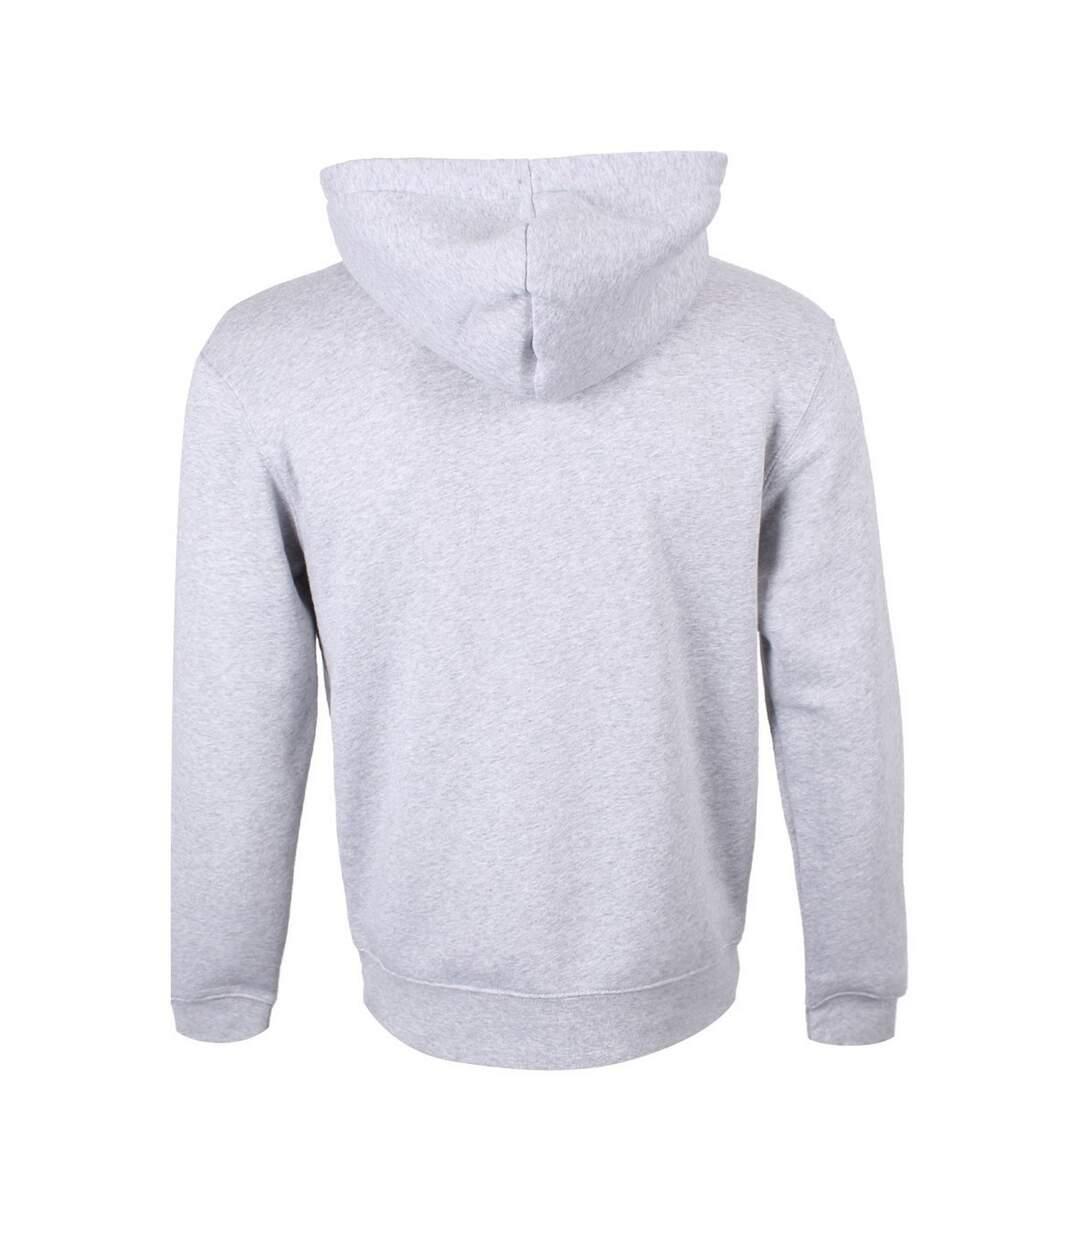 Grindstore Mens Gothic Pride Hoodie (Grey) - UTGR4527